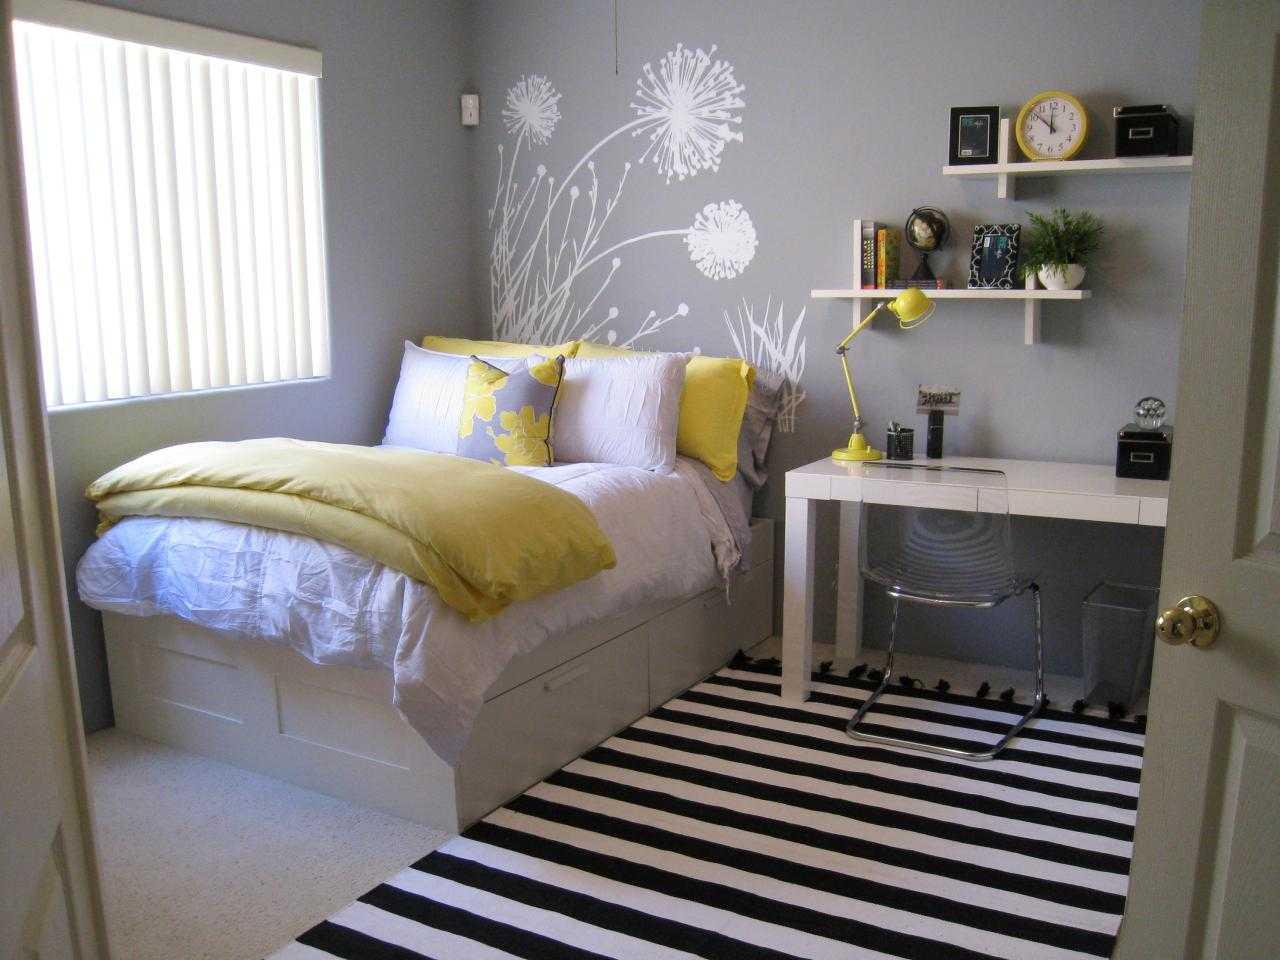 cuarto gris con amarillo y un diente de len dibujado en la pared